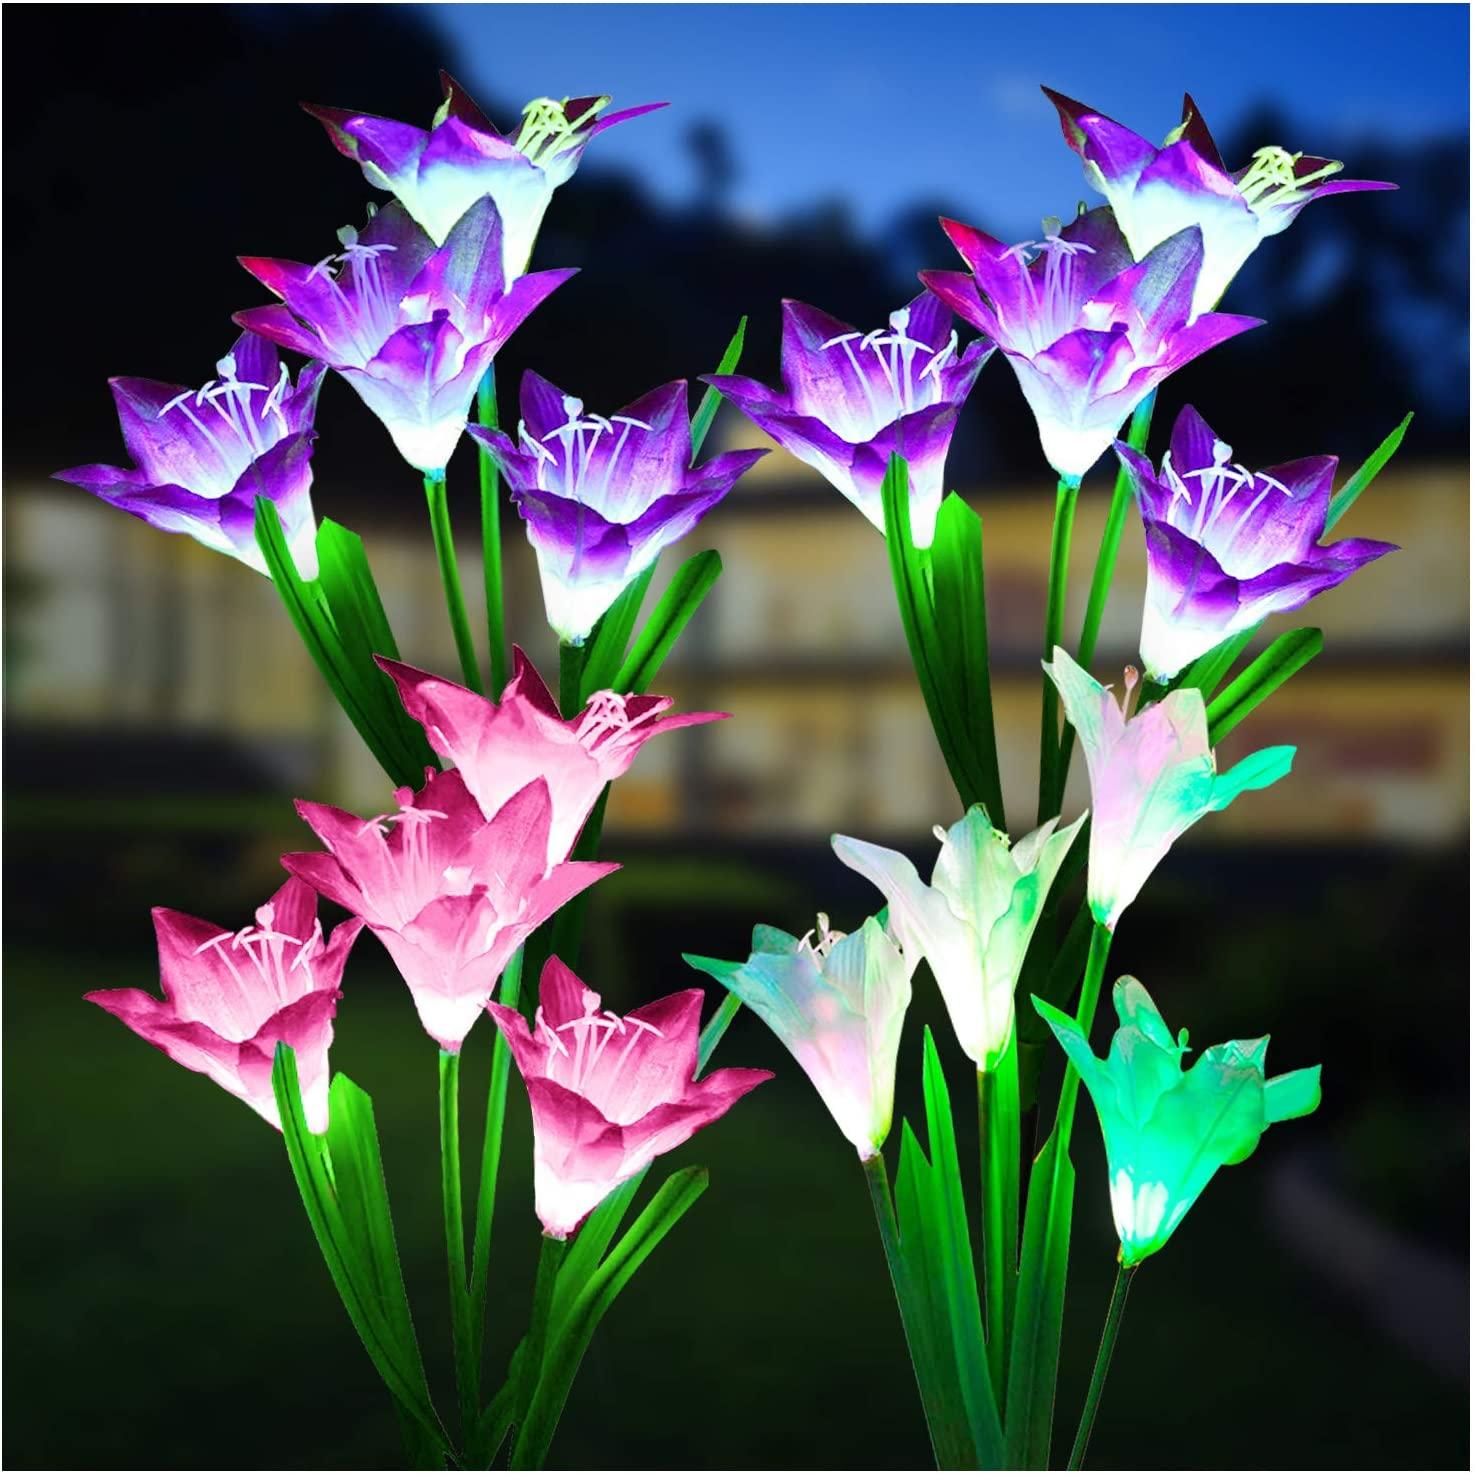 Four KOOPER solar garden lights that resemble lilies